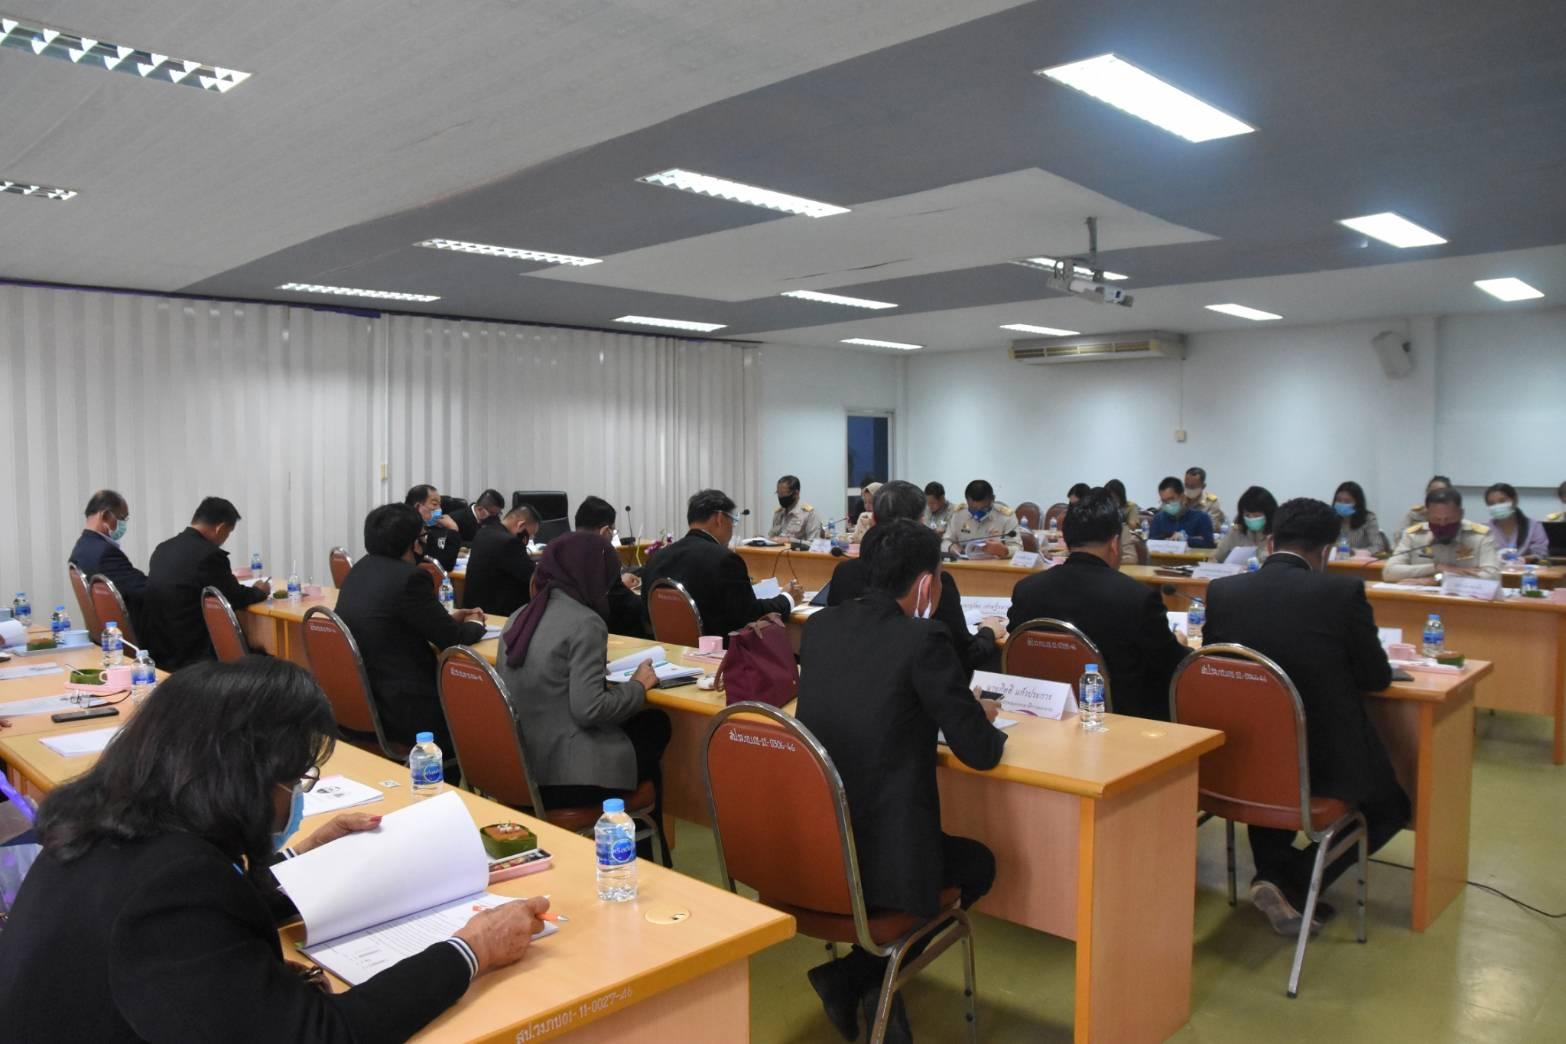 ร่วมประชุมเพื่อชี้แจงแสดงความคิดเห็น เนื่องในโอกาสคณะกรรมาธิการการแรงงาน สภาผู้แทนราษฎร